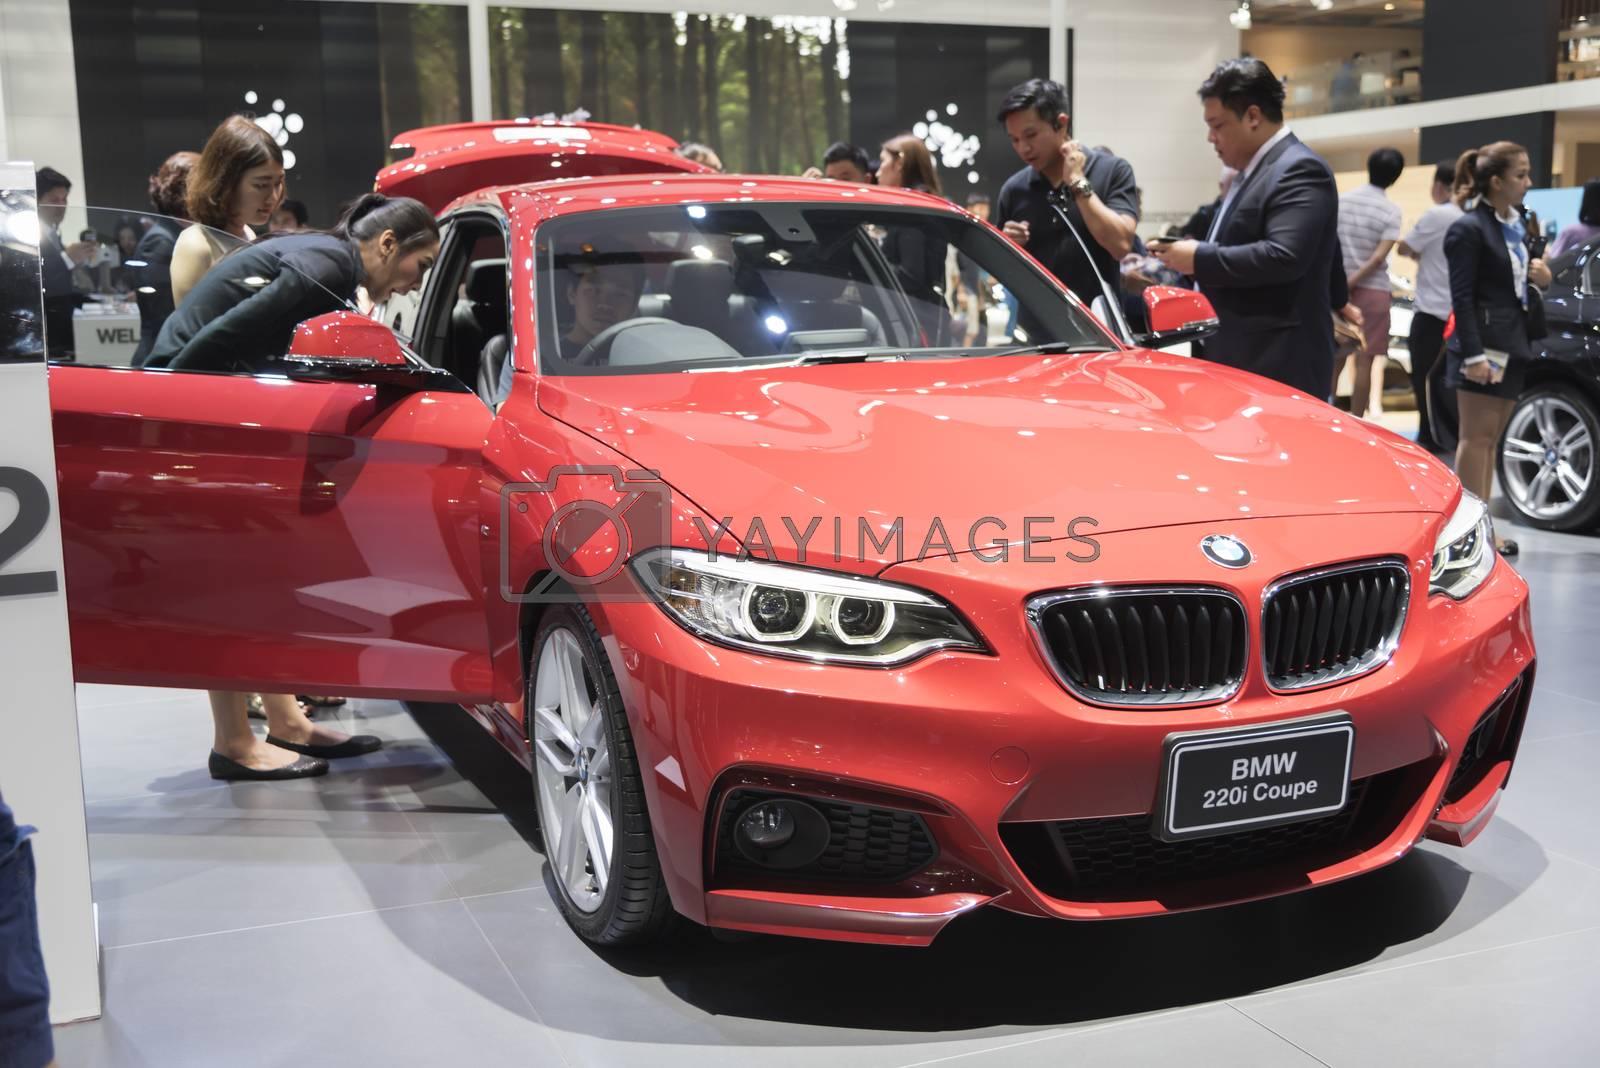 BANGKOK,THAILAND - APRIL 4 : BMW car on April 4,2015 at the 36th Bangkok international motor show in Thailand.